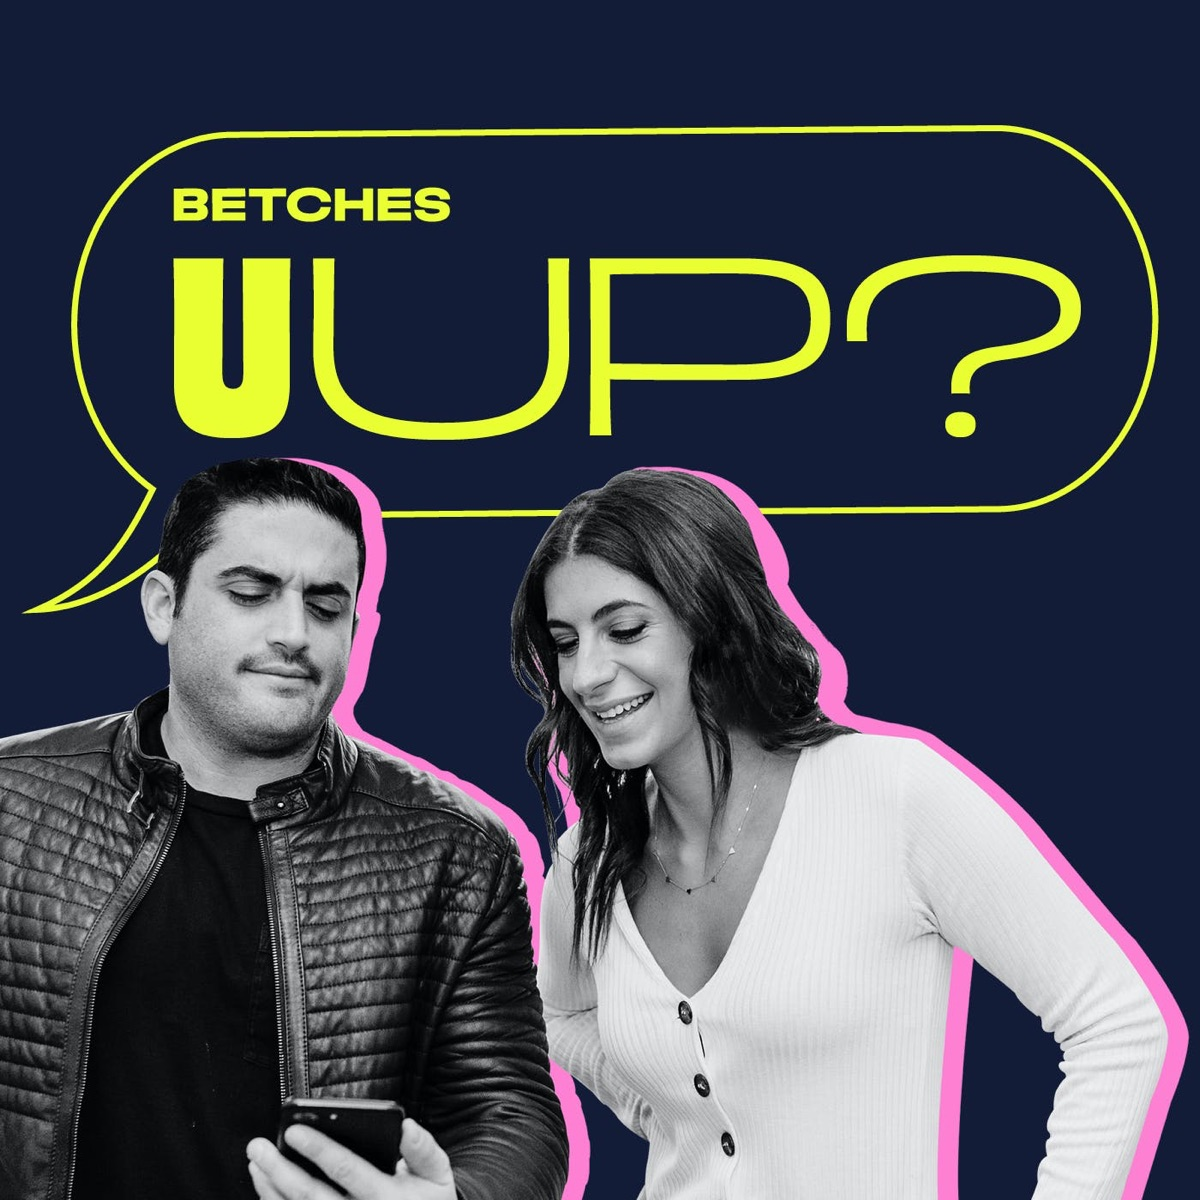 U Up?